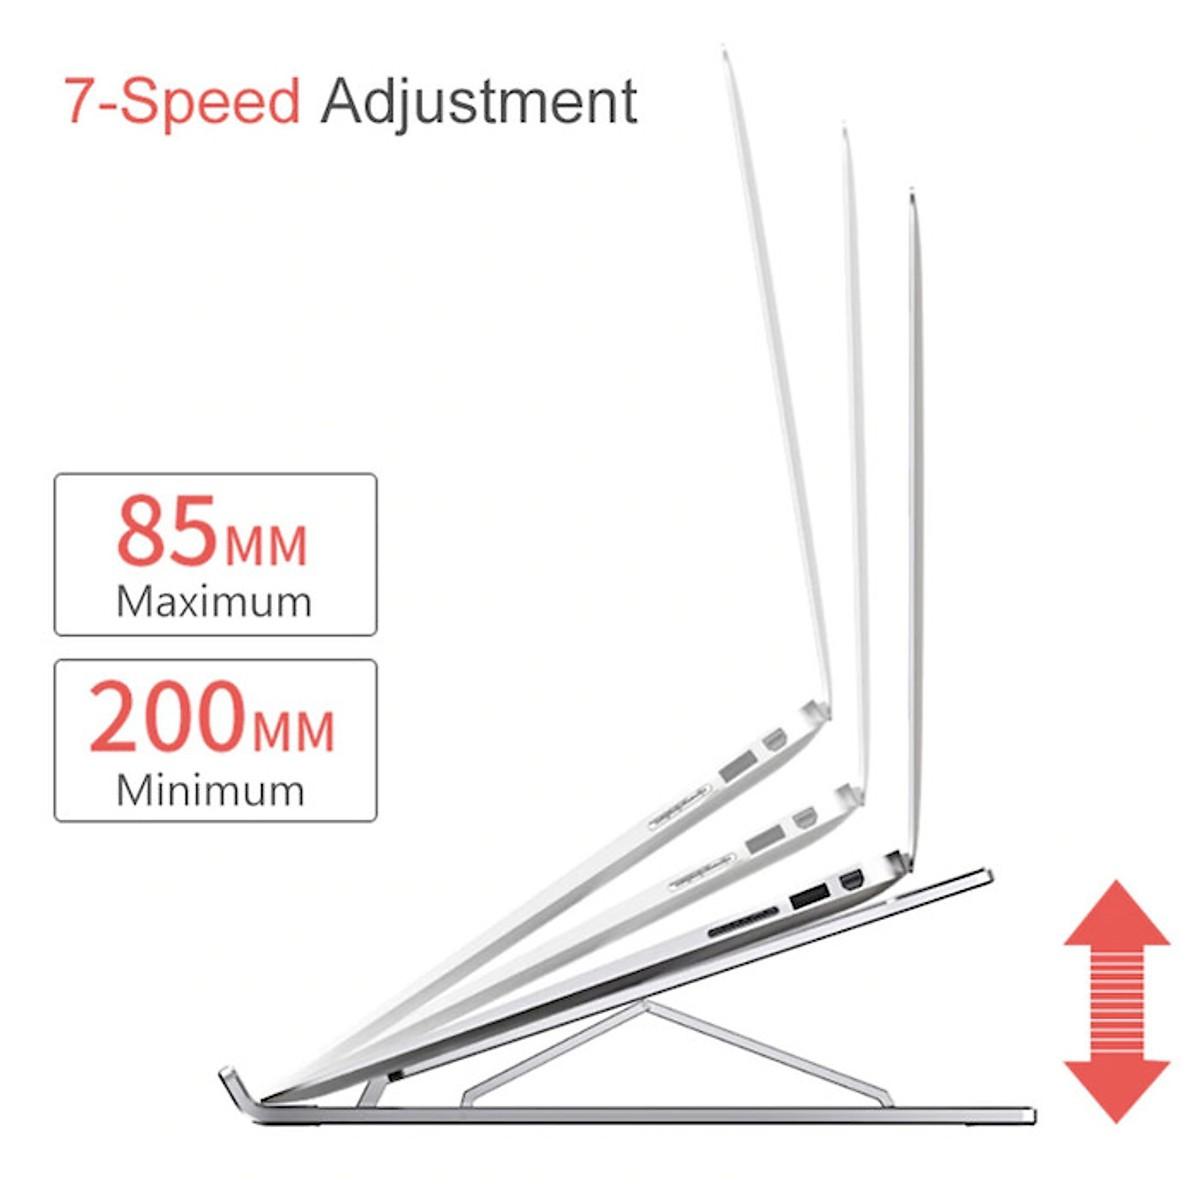 Đế nhôm cao cấp hỗ trợ tản nhiệt cho Laptop, Macbook gồm 7 mức điều chỉnh độ nghiêng tùy ý (có thể gập gọn thông minh)